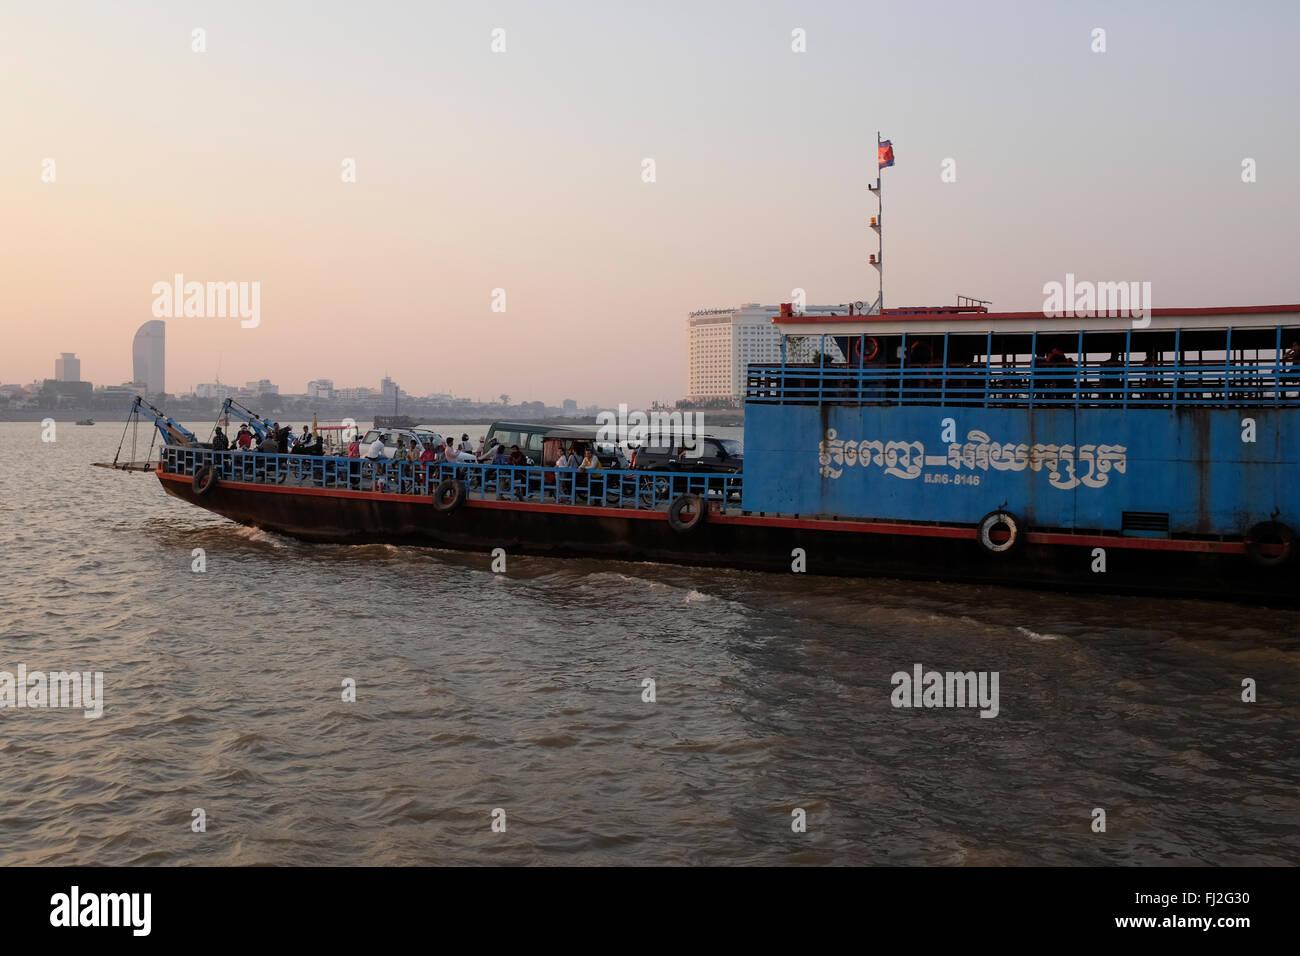 Car ferry heading into Phnom Penh, Cambodia - Stock Image